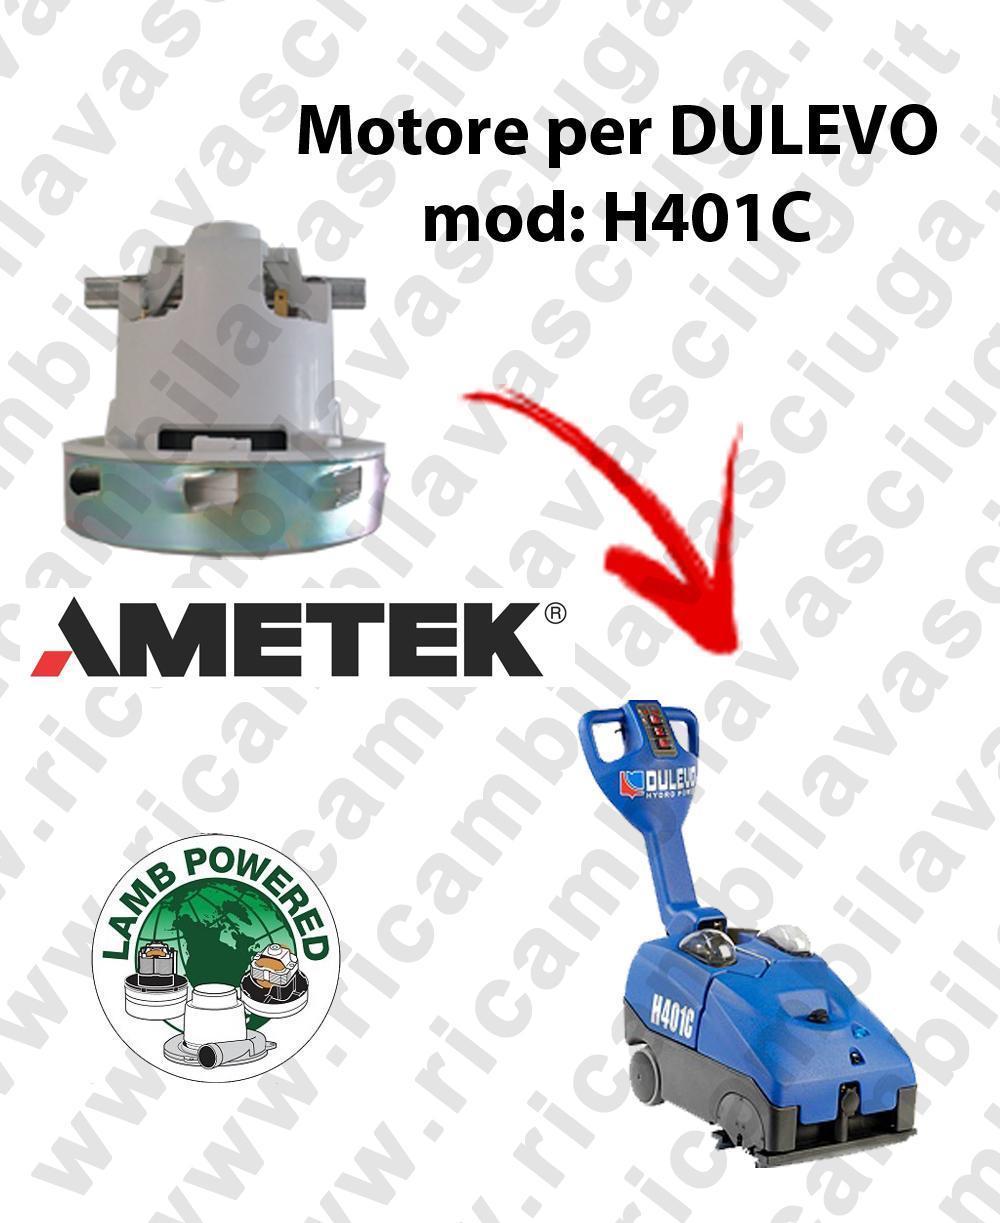 H401 C MOTEUR AMETEK aspiration pour autolaveuses DULEVO